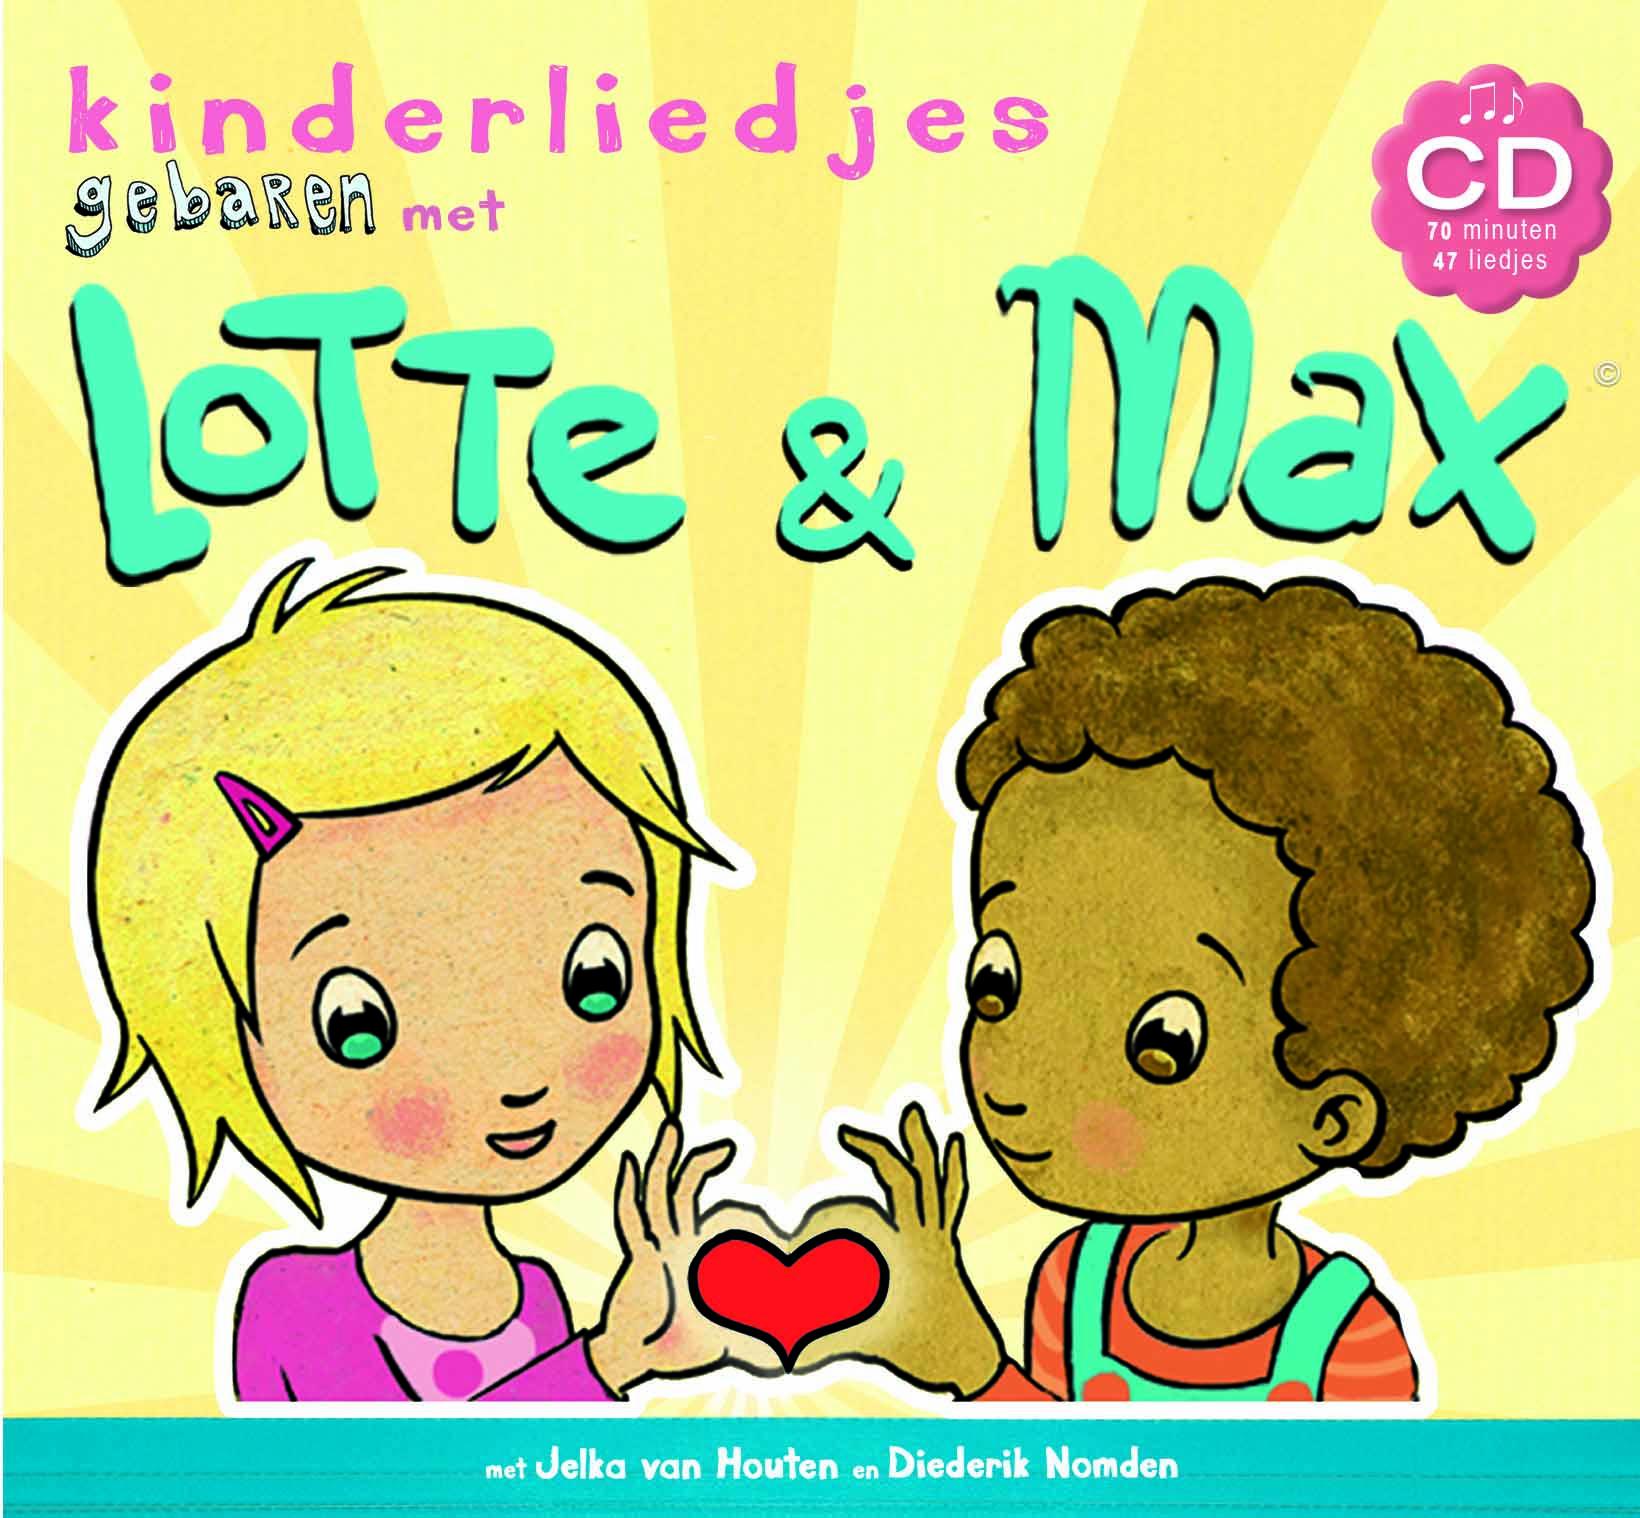 Lotte en Max kinderliedjescd